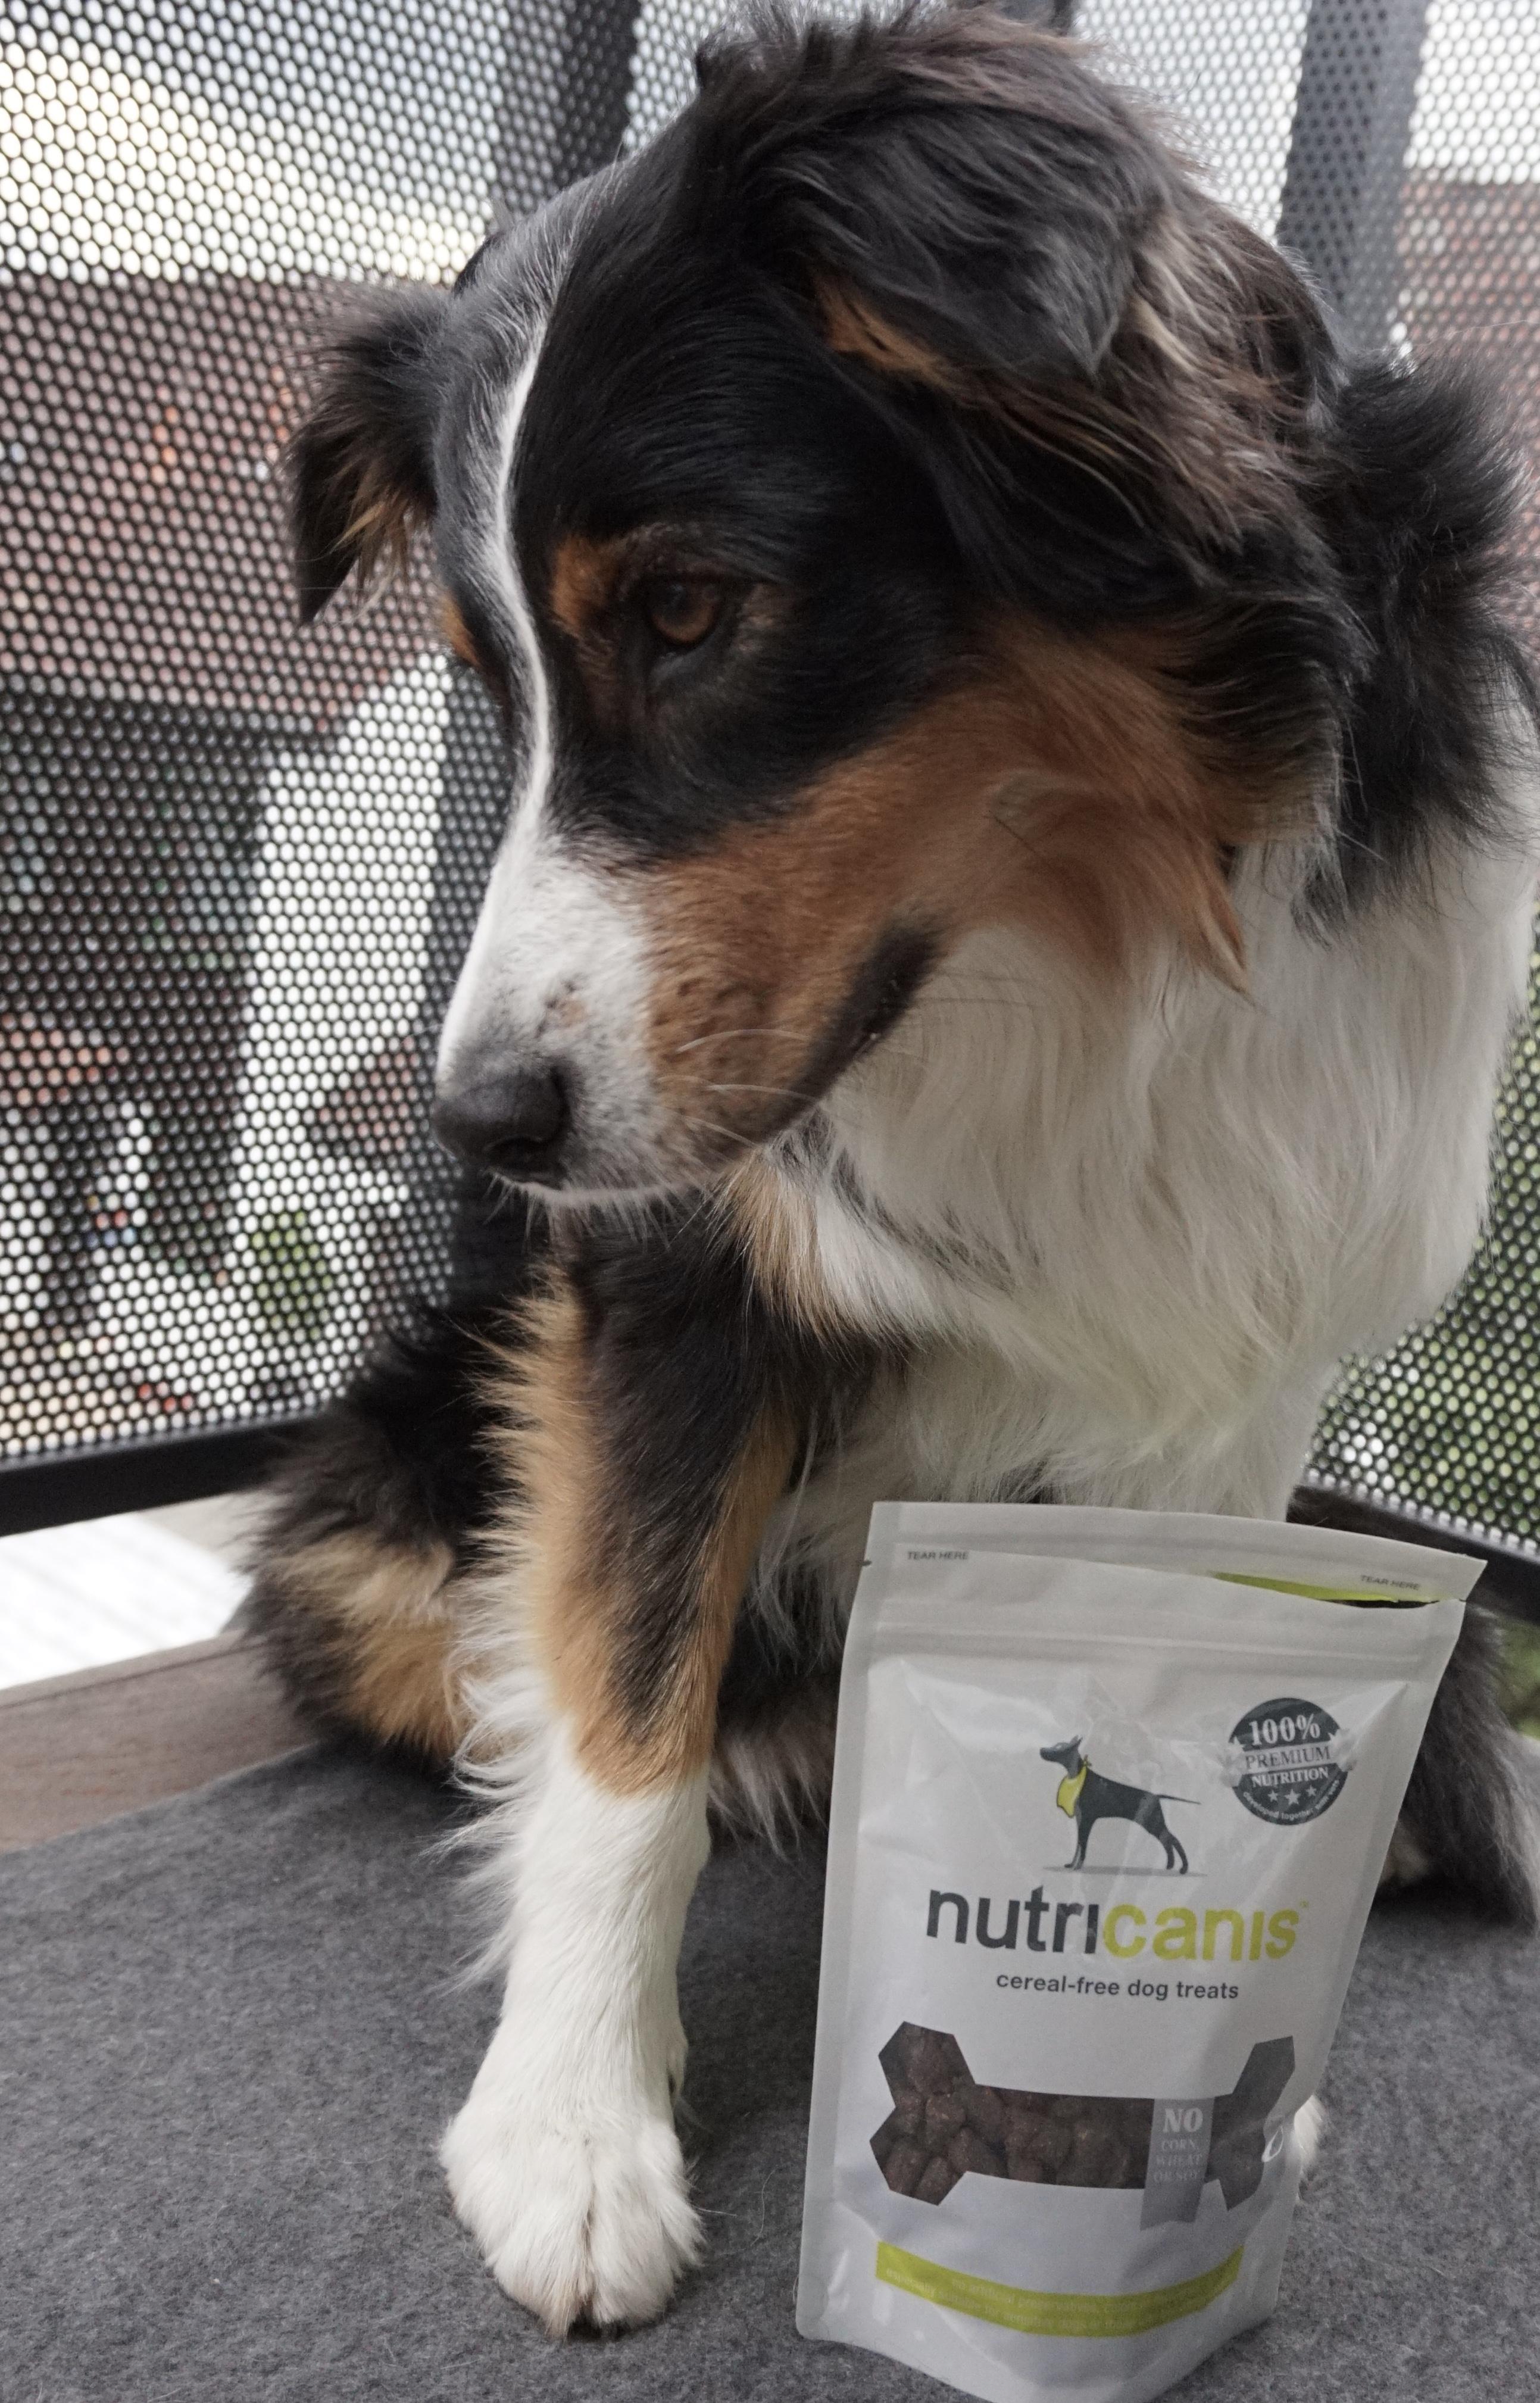 nutricanis_produkttest_dogsoulmate_hundeblog